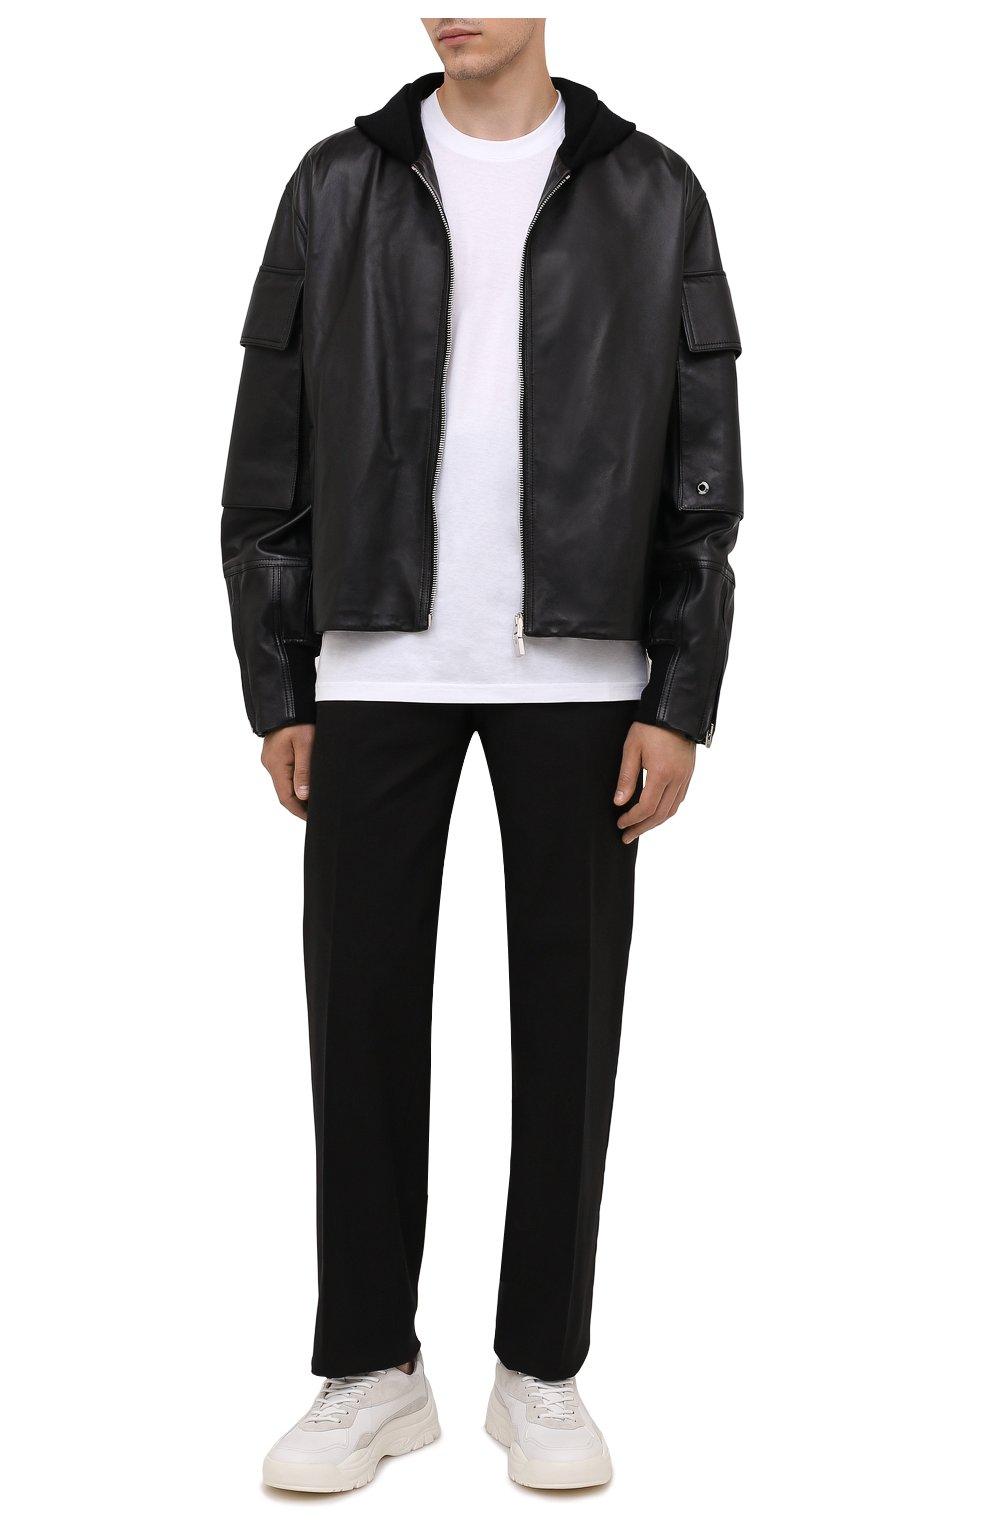 Мужская кожаная куртка GIVENCHY черного цвета, арт. BM00QP6003   Фото 2 (Кросс-КТ: Куртка; Рукава: Длинные; Стили: Панк; Мужское Кросс-КТ: Кожа и замша; Длина (верхняя одежда): Короткие; Материал подклада: Купро)